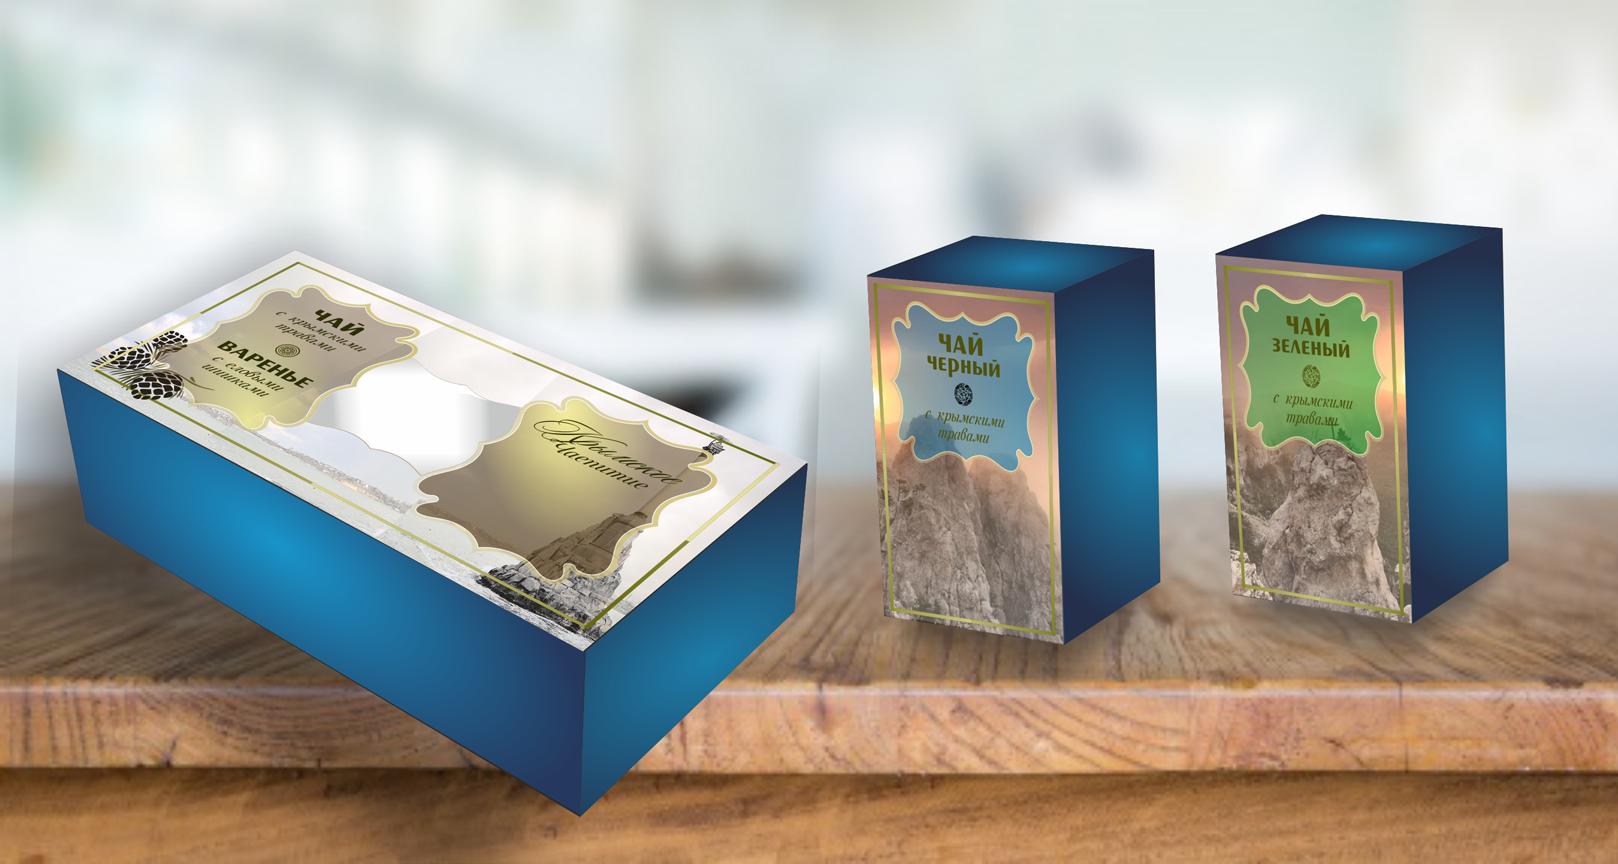 Дизайн подарочной-сувенирной коробки: с чаем и варением фото f_2495a620acc72b50.png